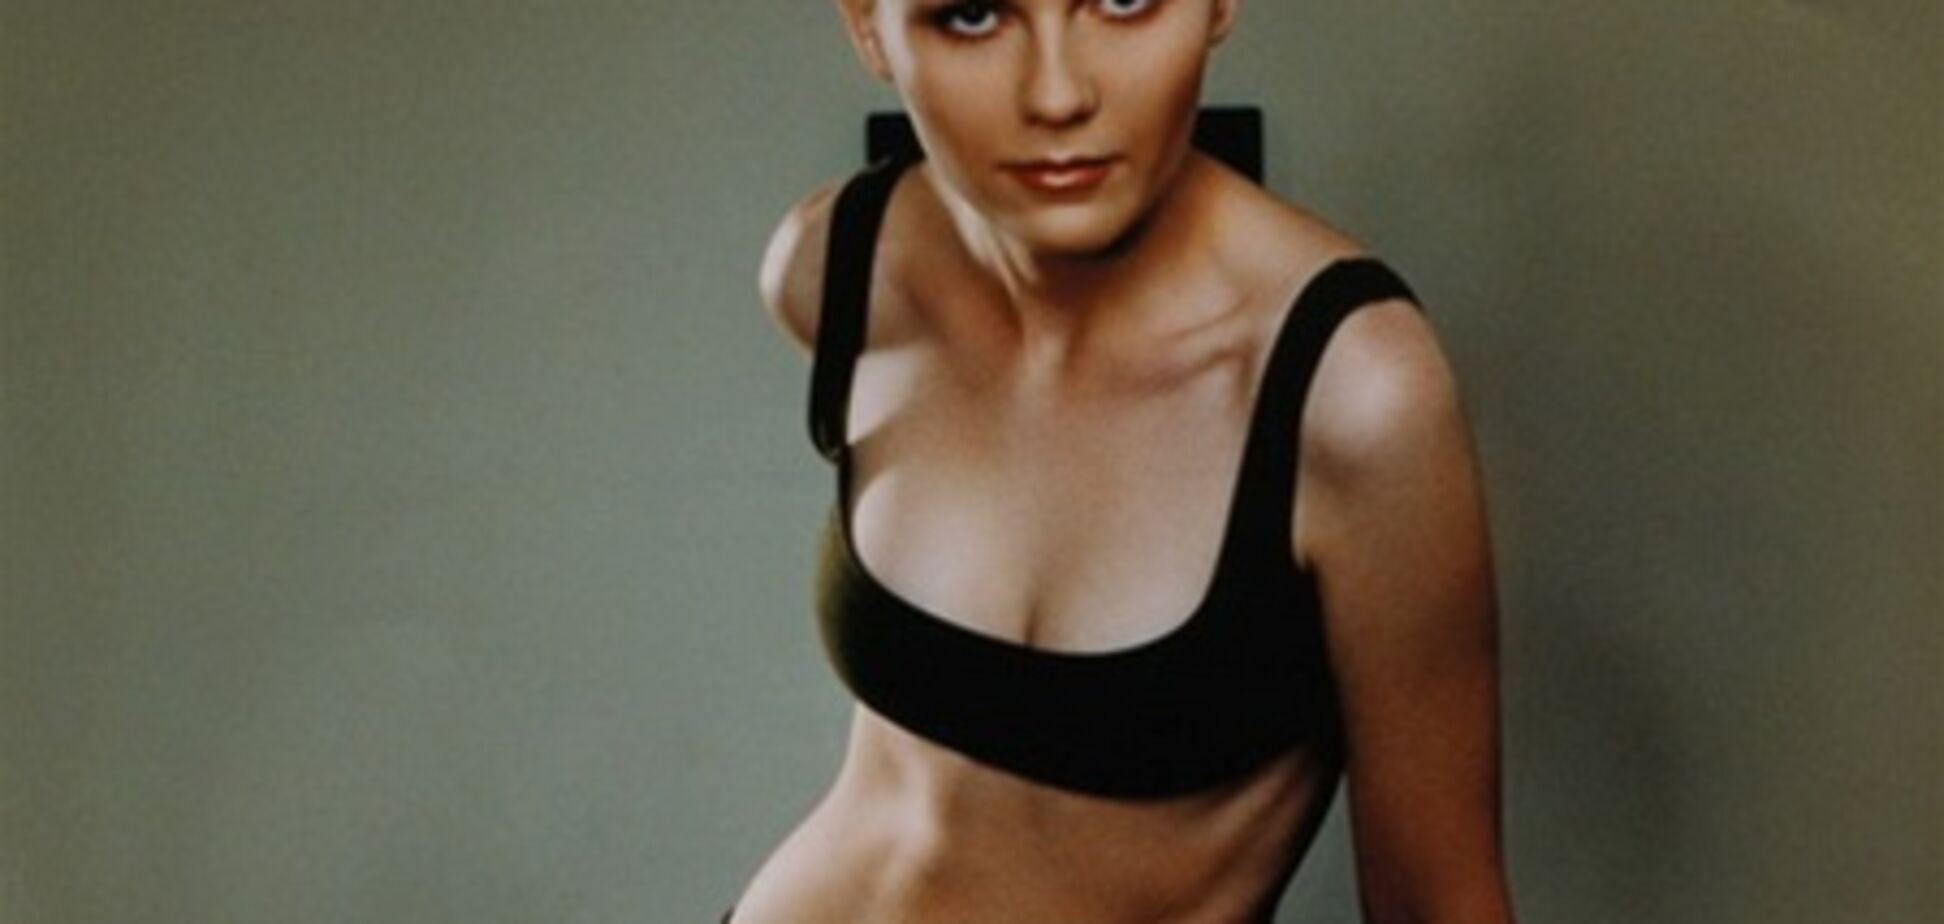 Кирстен Данст изображает брутальный секс: год 1999